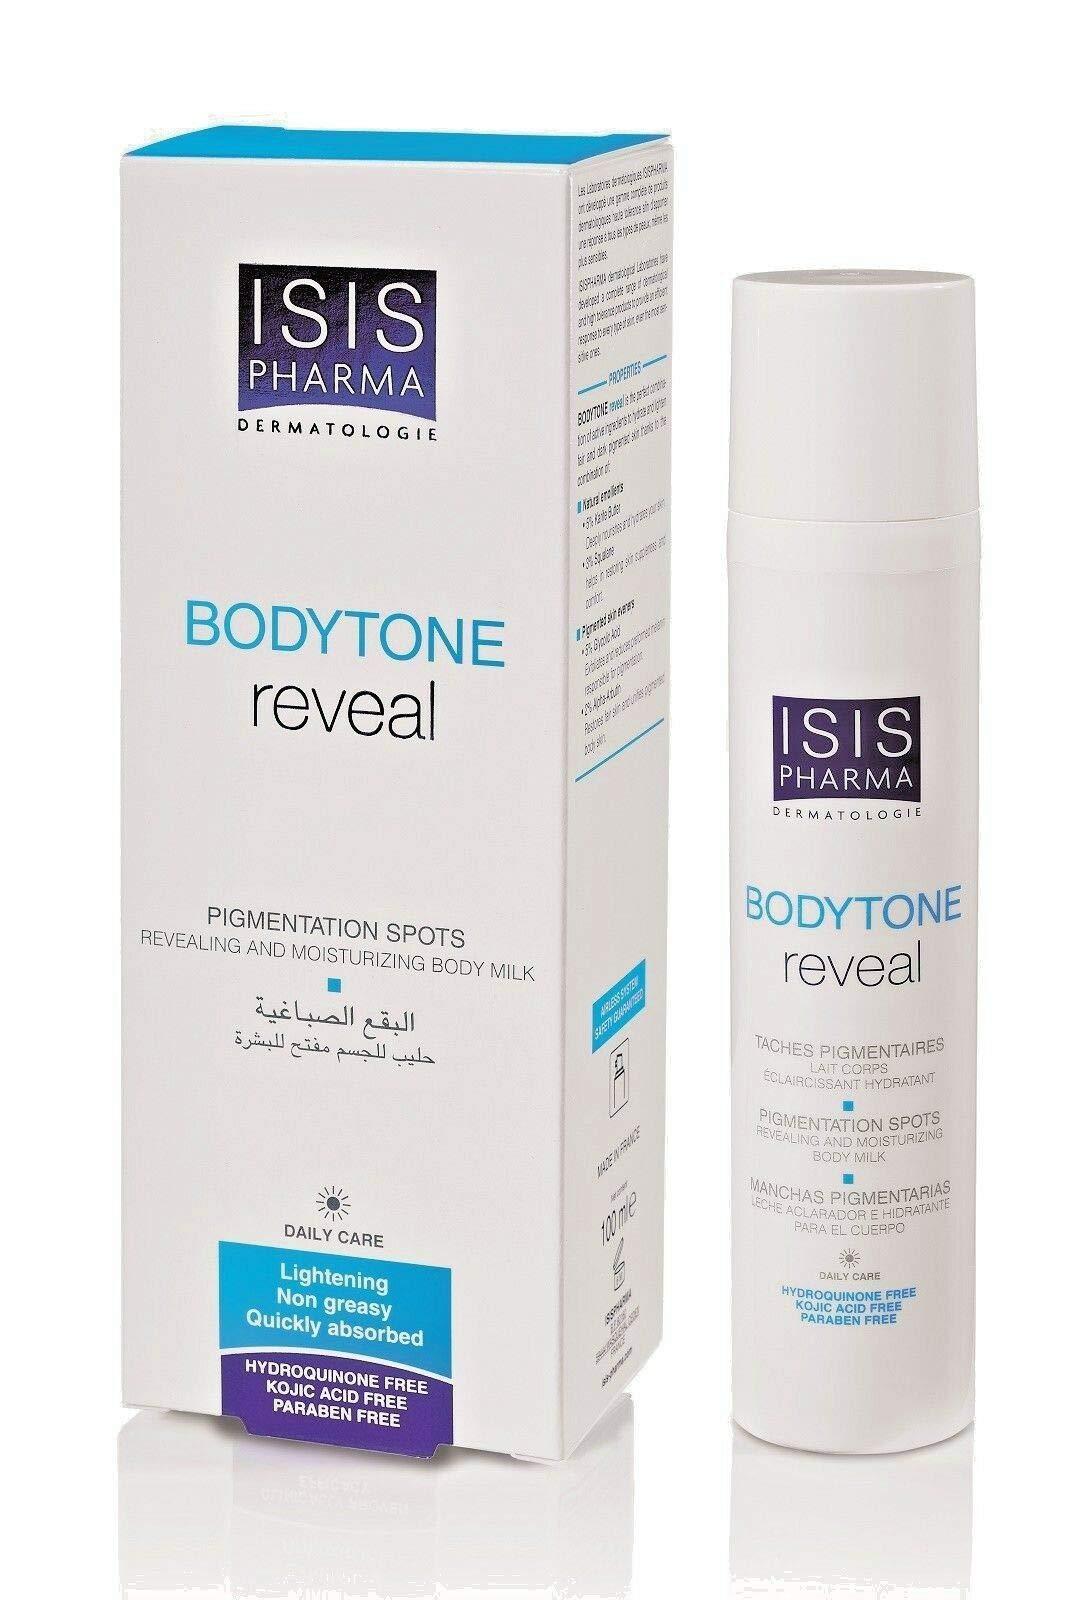 Bodytone Reveal 100 Ml Isis Pharma Skin Capital